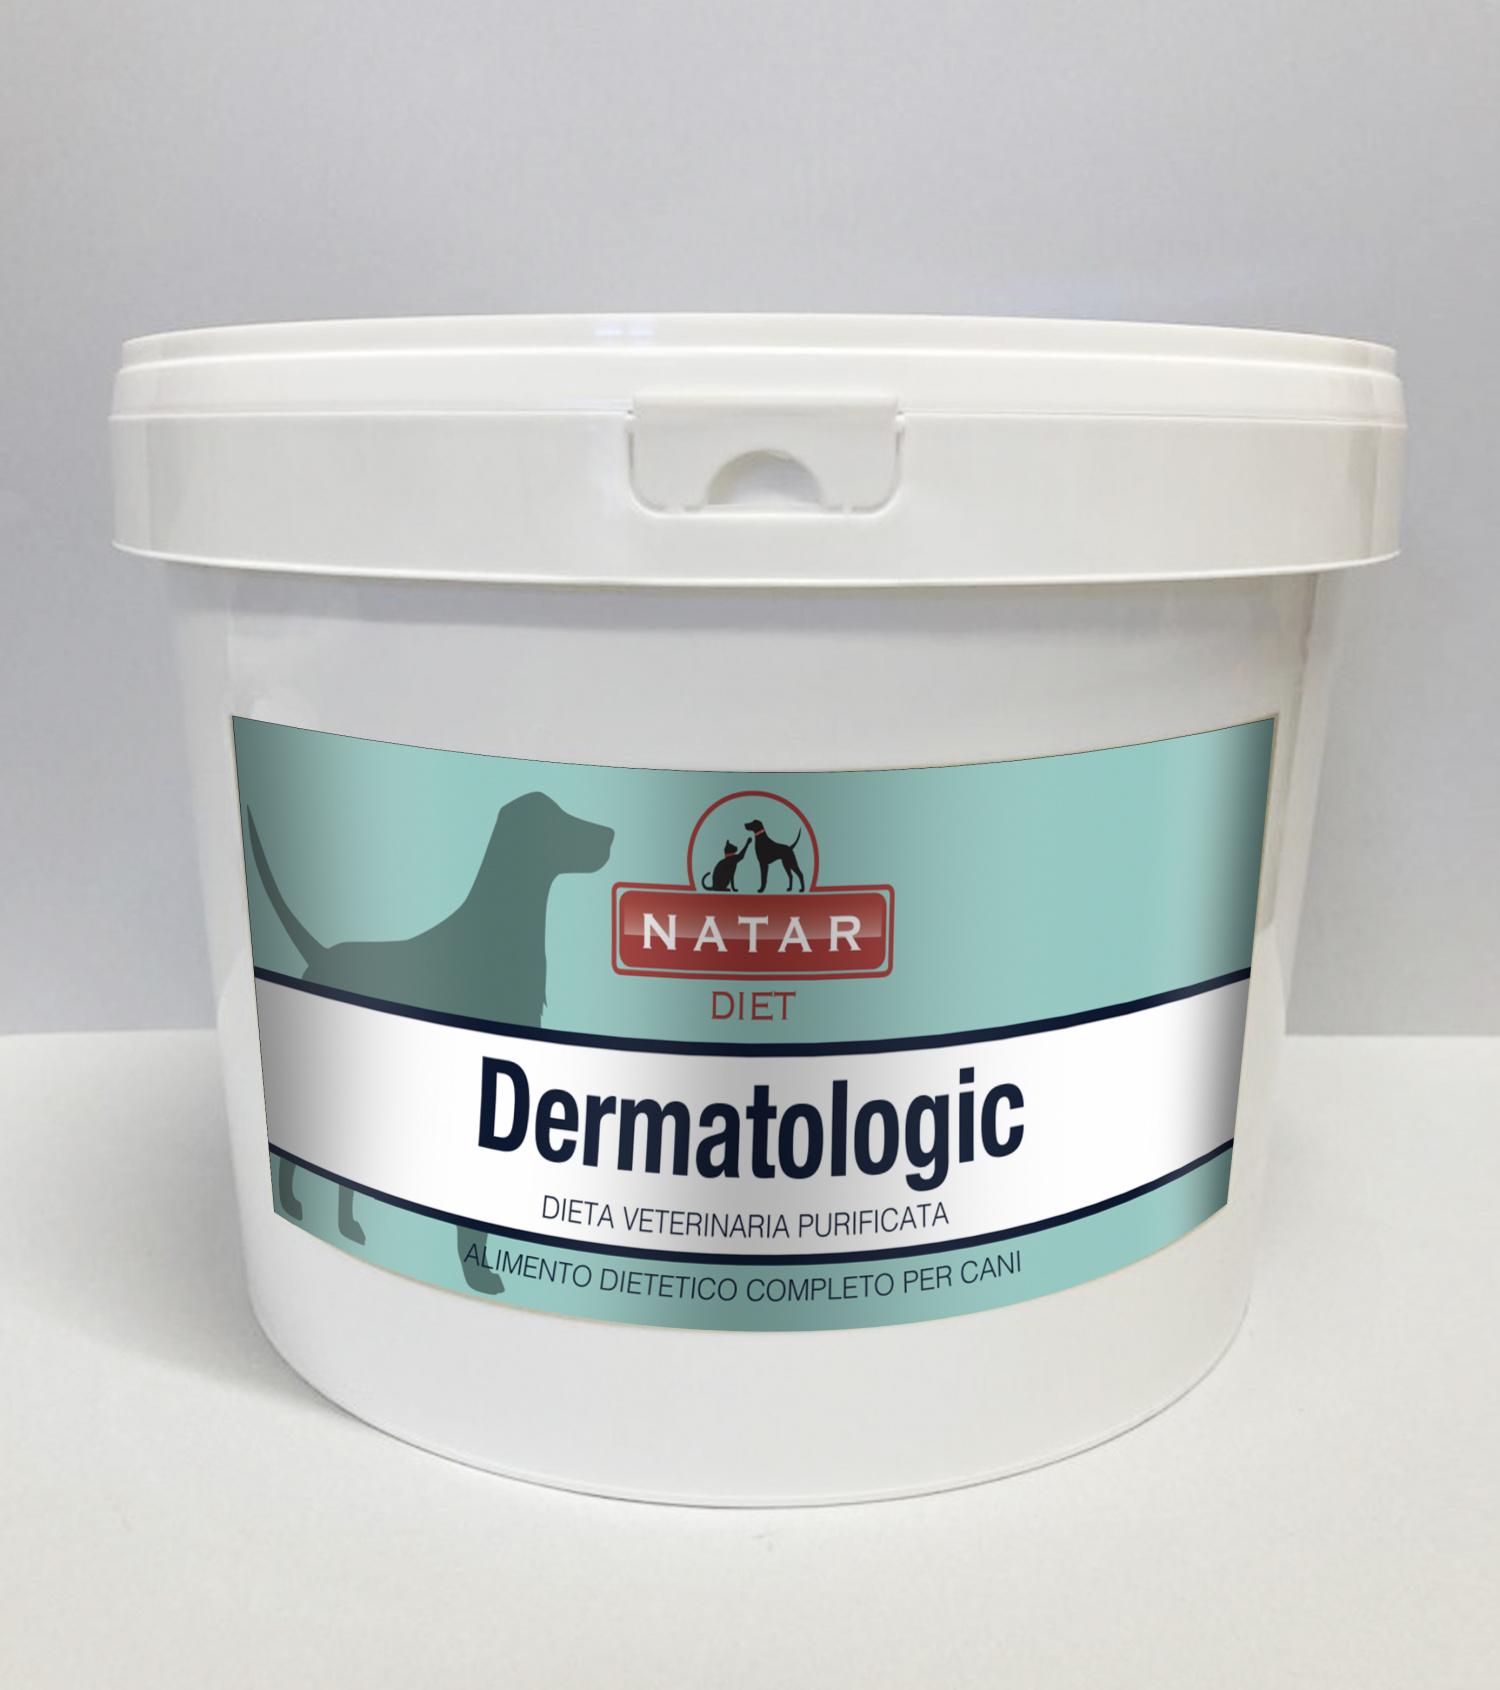 Natar Diet Dermatologic cane